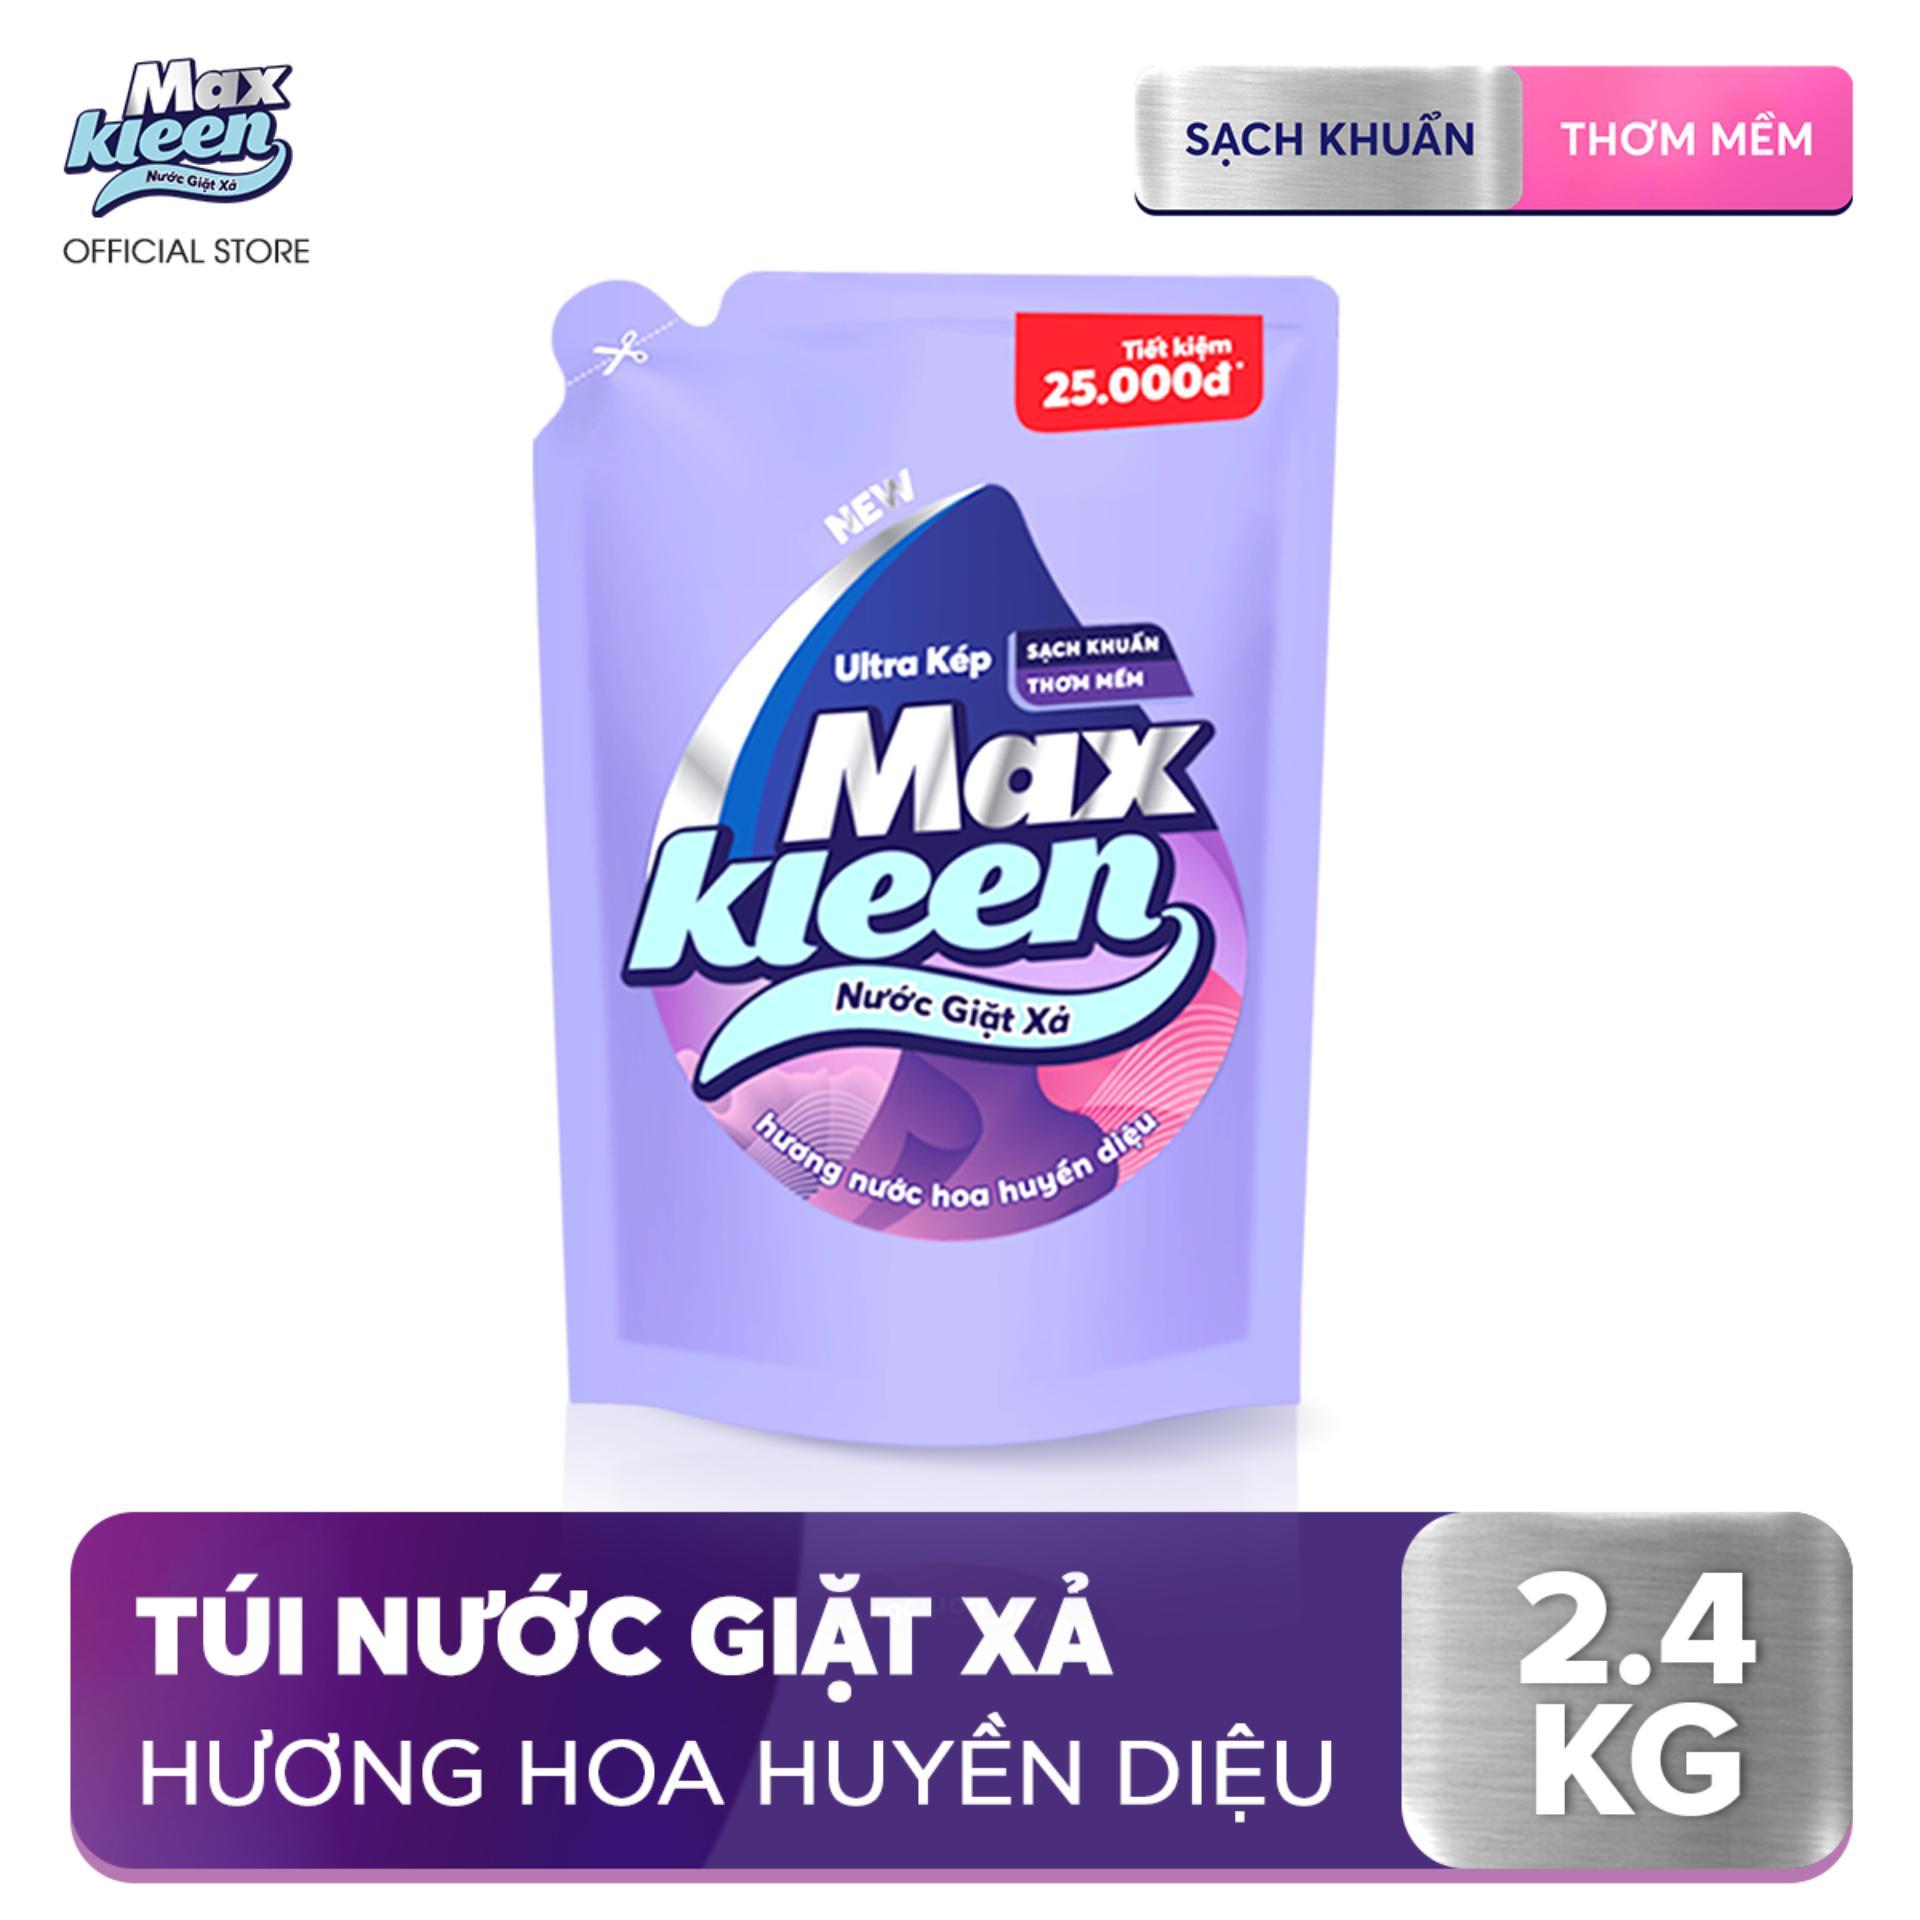 Túi Nước Giặt Xả Maxkleen Hương Nước Hoa Huyền Diệu (2.4kg)